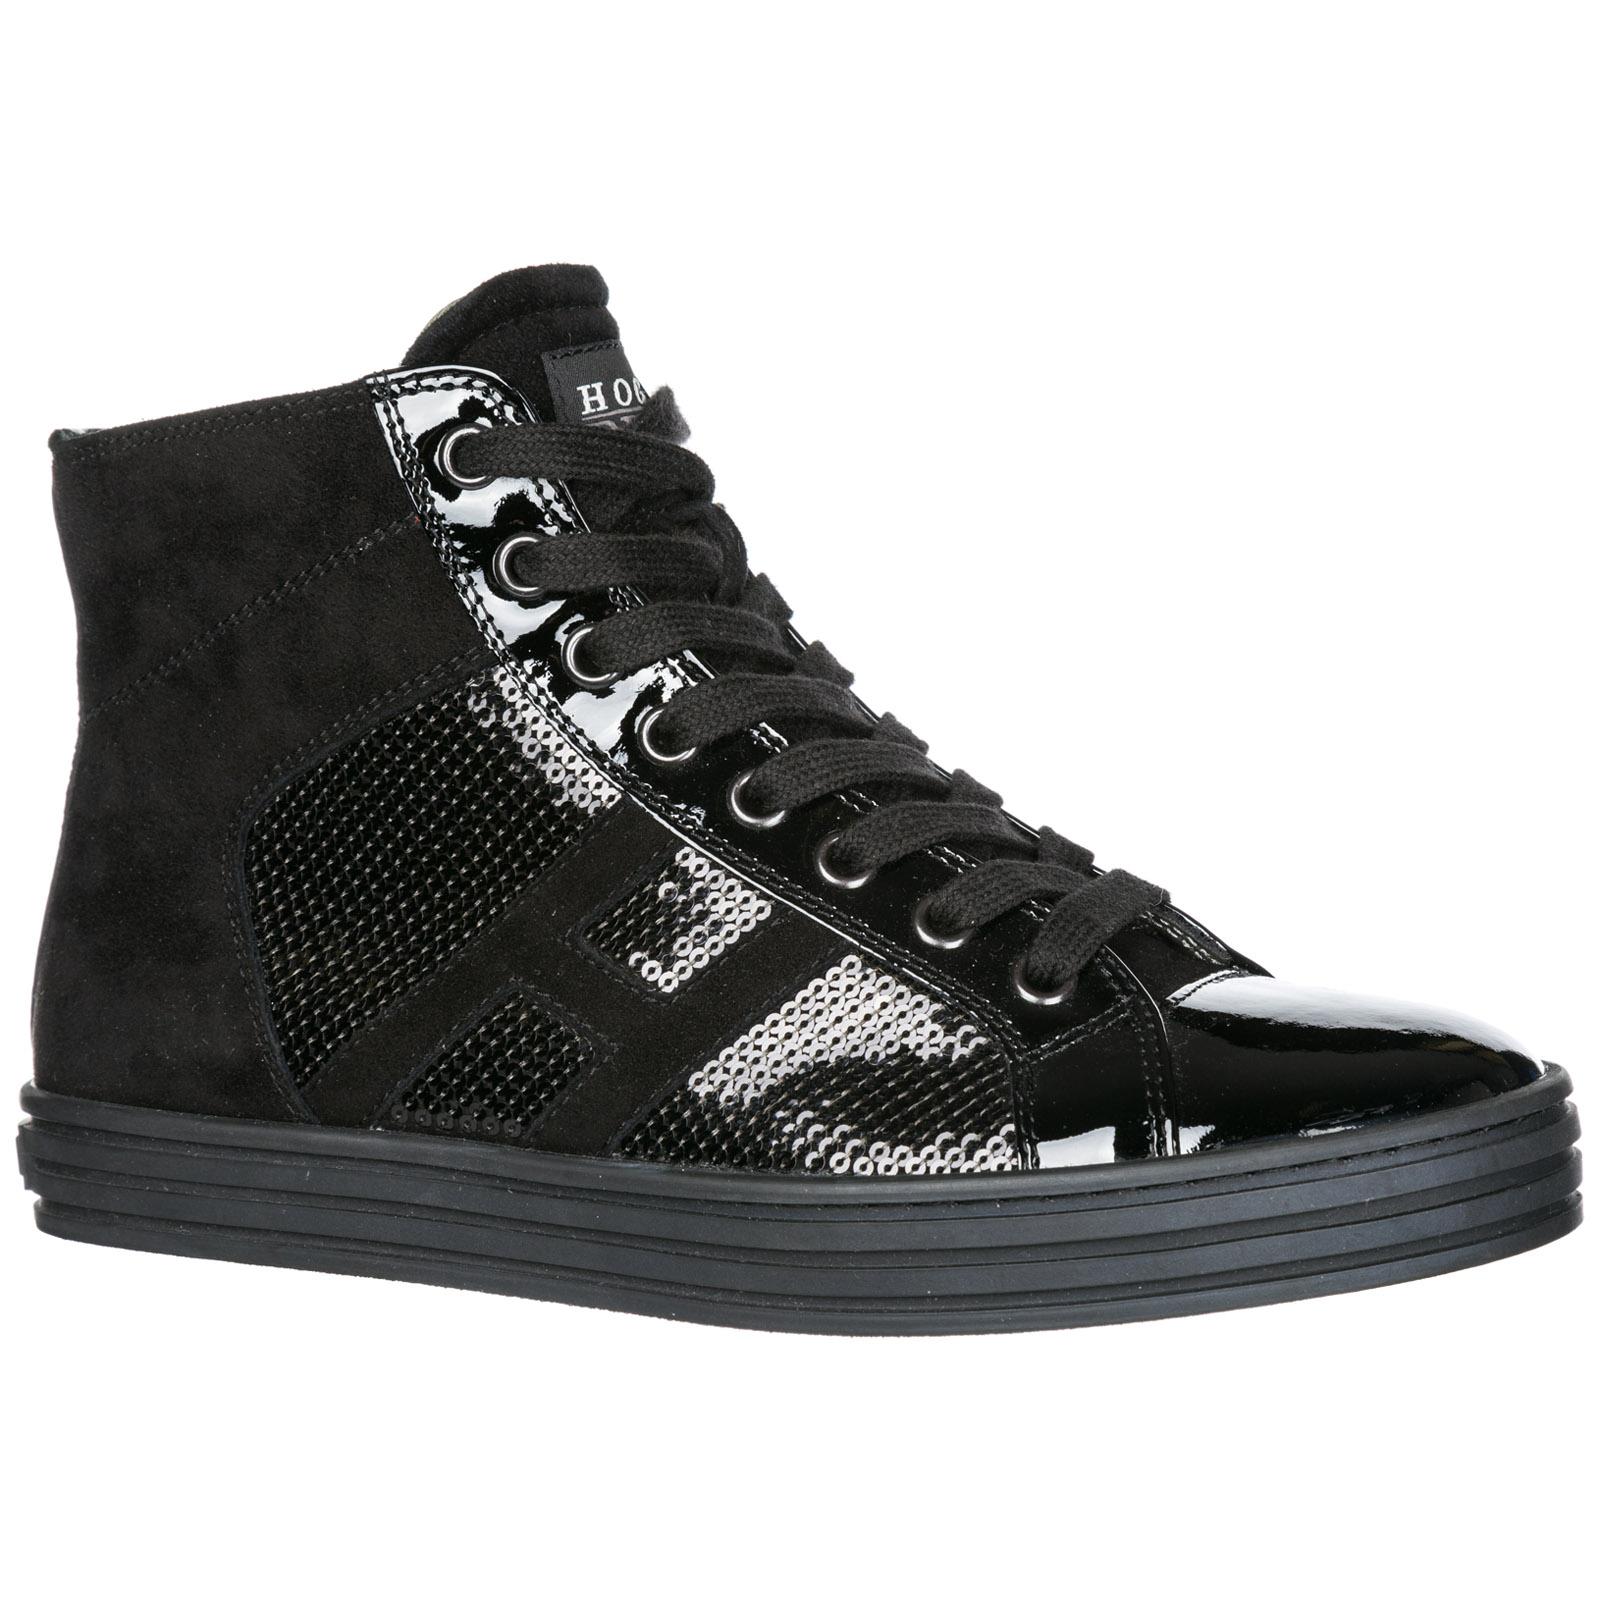 1238dd2cea28 ... Damenschuhe damen wildleder schuhe high sneakers r141 ...